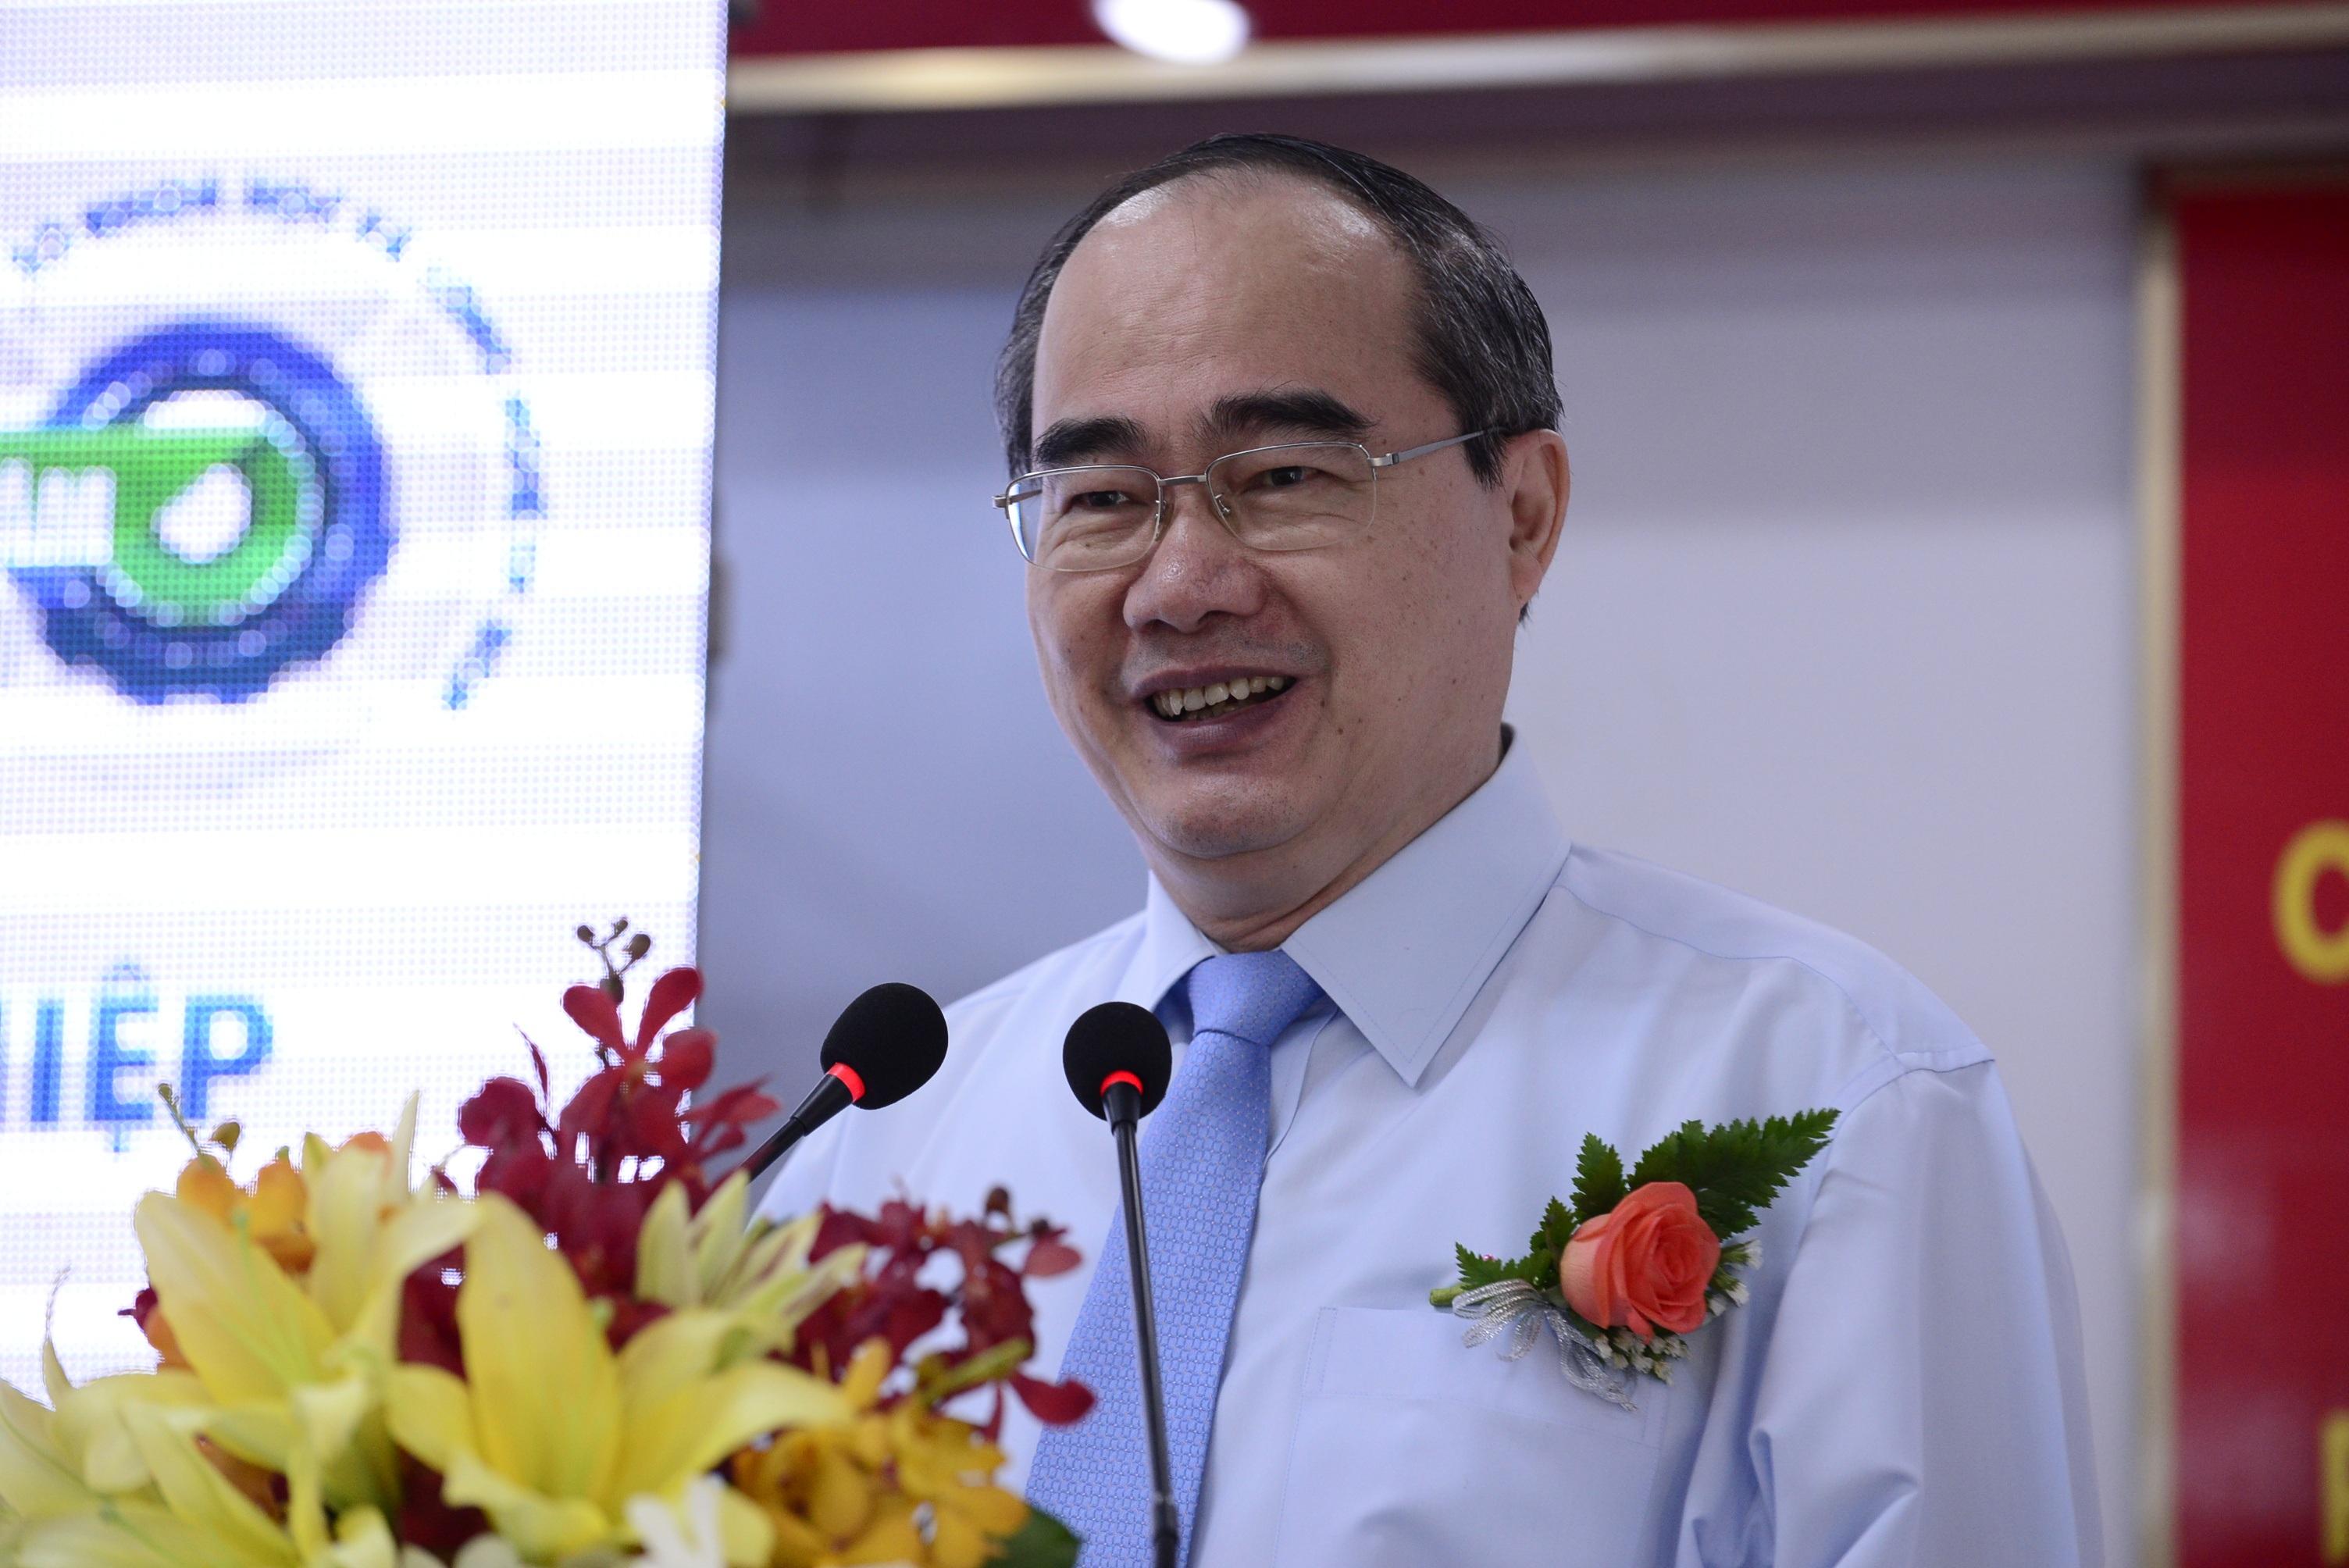 Đồng chí Nguyễn Thiện Nhân, Ủy viên Bộ Chính trị, Chủ tịch Ủy ban Trung ương Mặt trận Tổ quốc Việt Nam